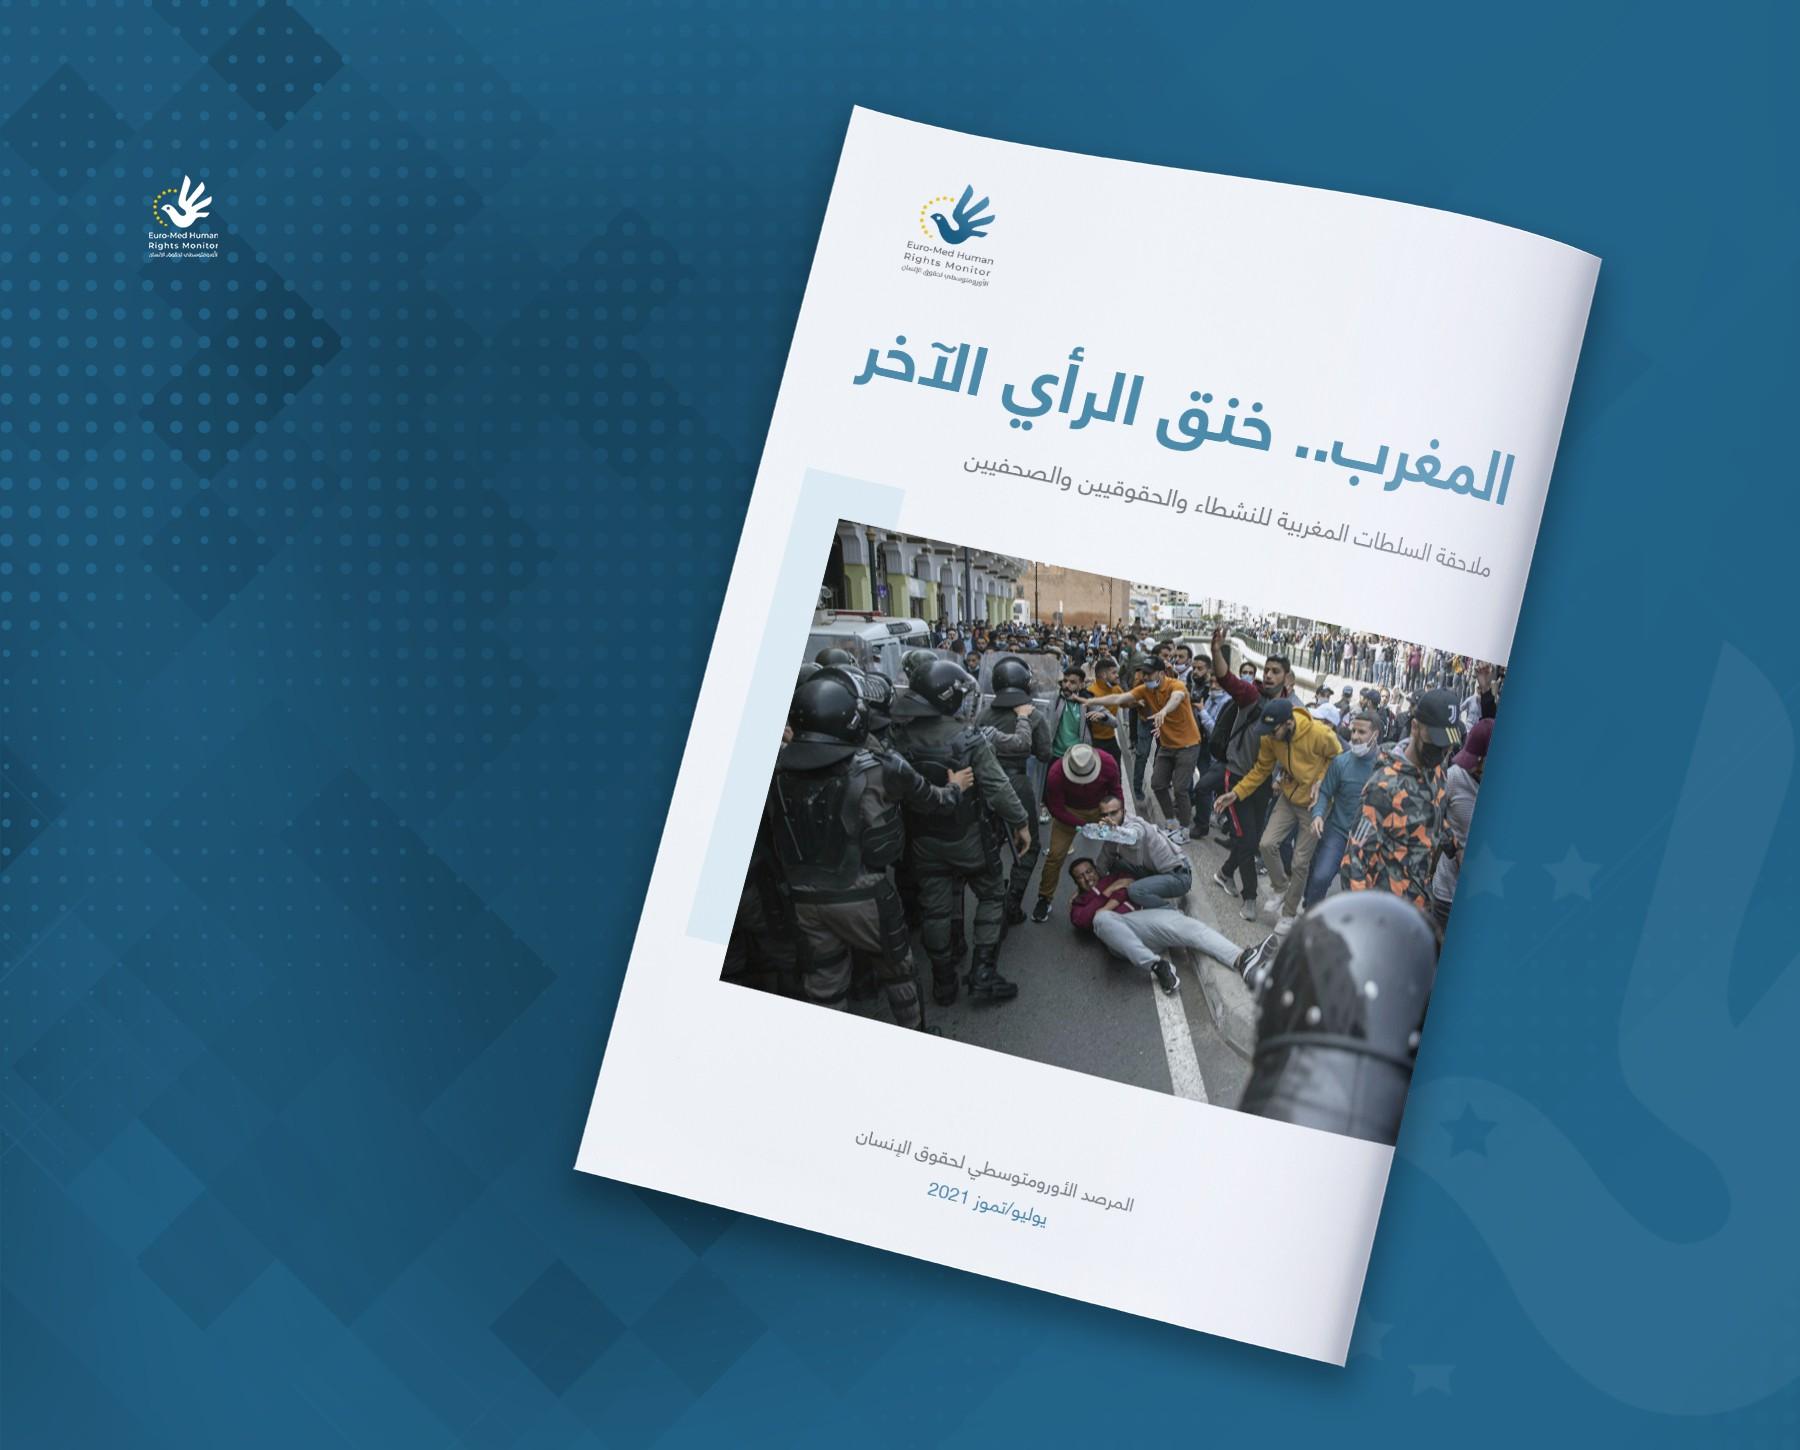 خنق الرأي الآخر:ملاحقة السلطات المغربية للنشطاء والحقوقيين والصحافيين